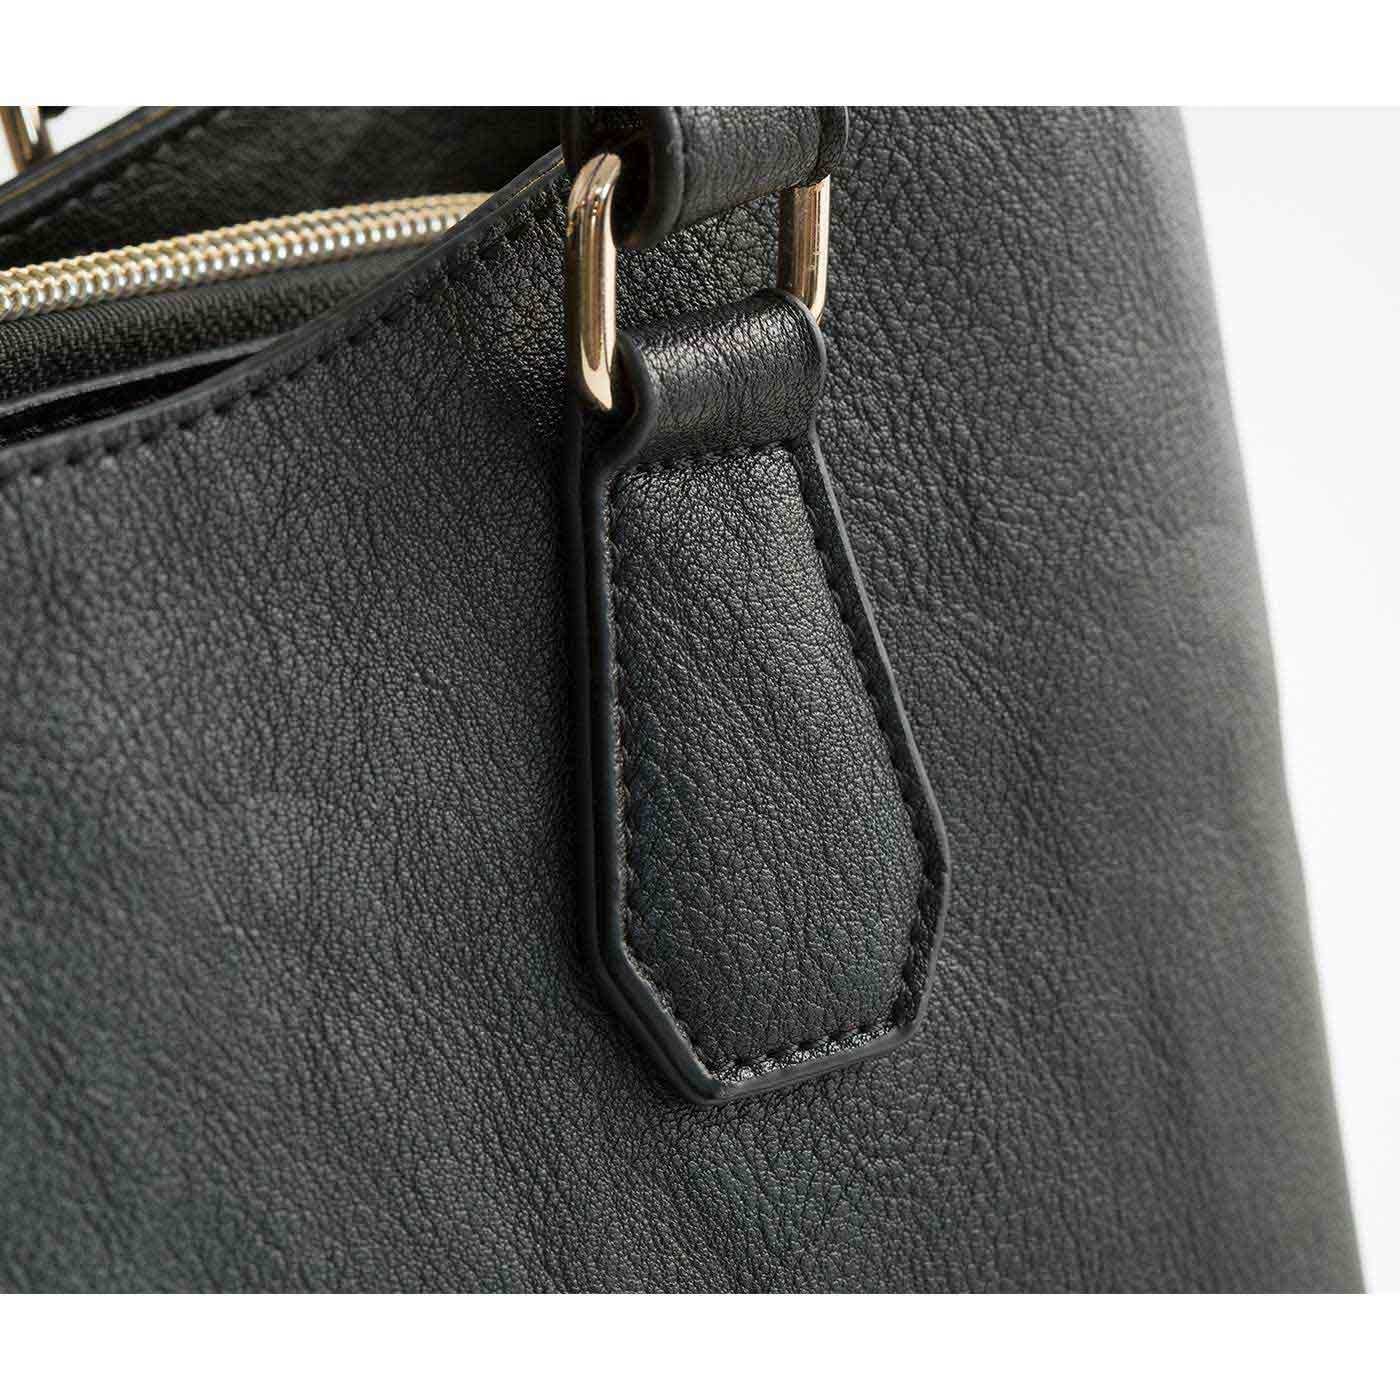 高級感のある厚めの合成皮革を使用。